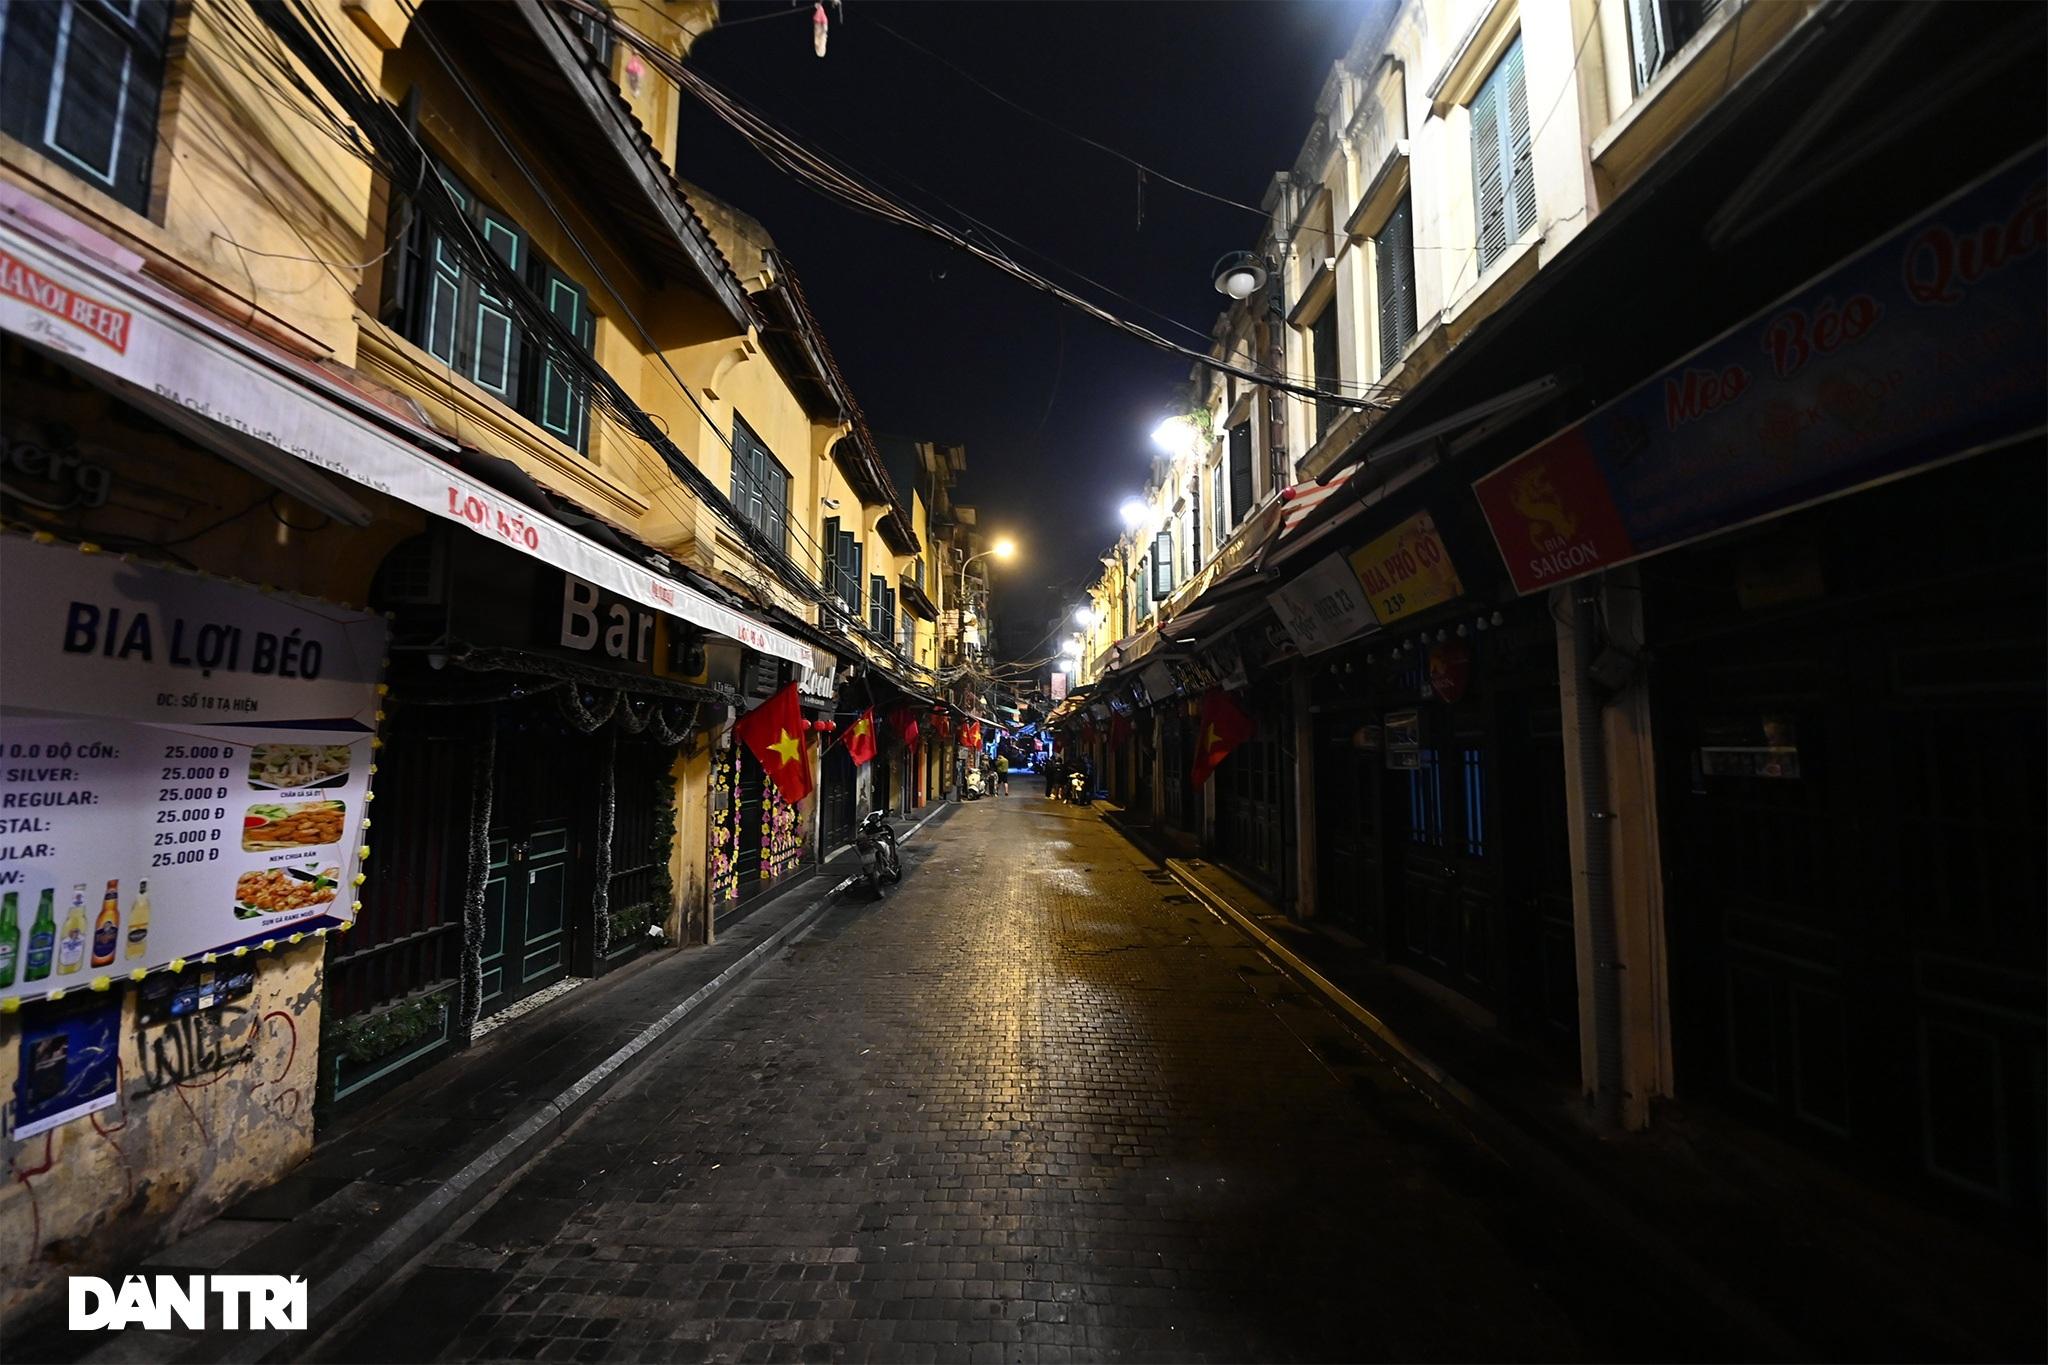 Công an Hà Nội kiểm tra xuyên đêm, yêu cầu hàng quán đóng cửa trước 0h  - 20